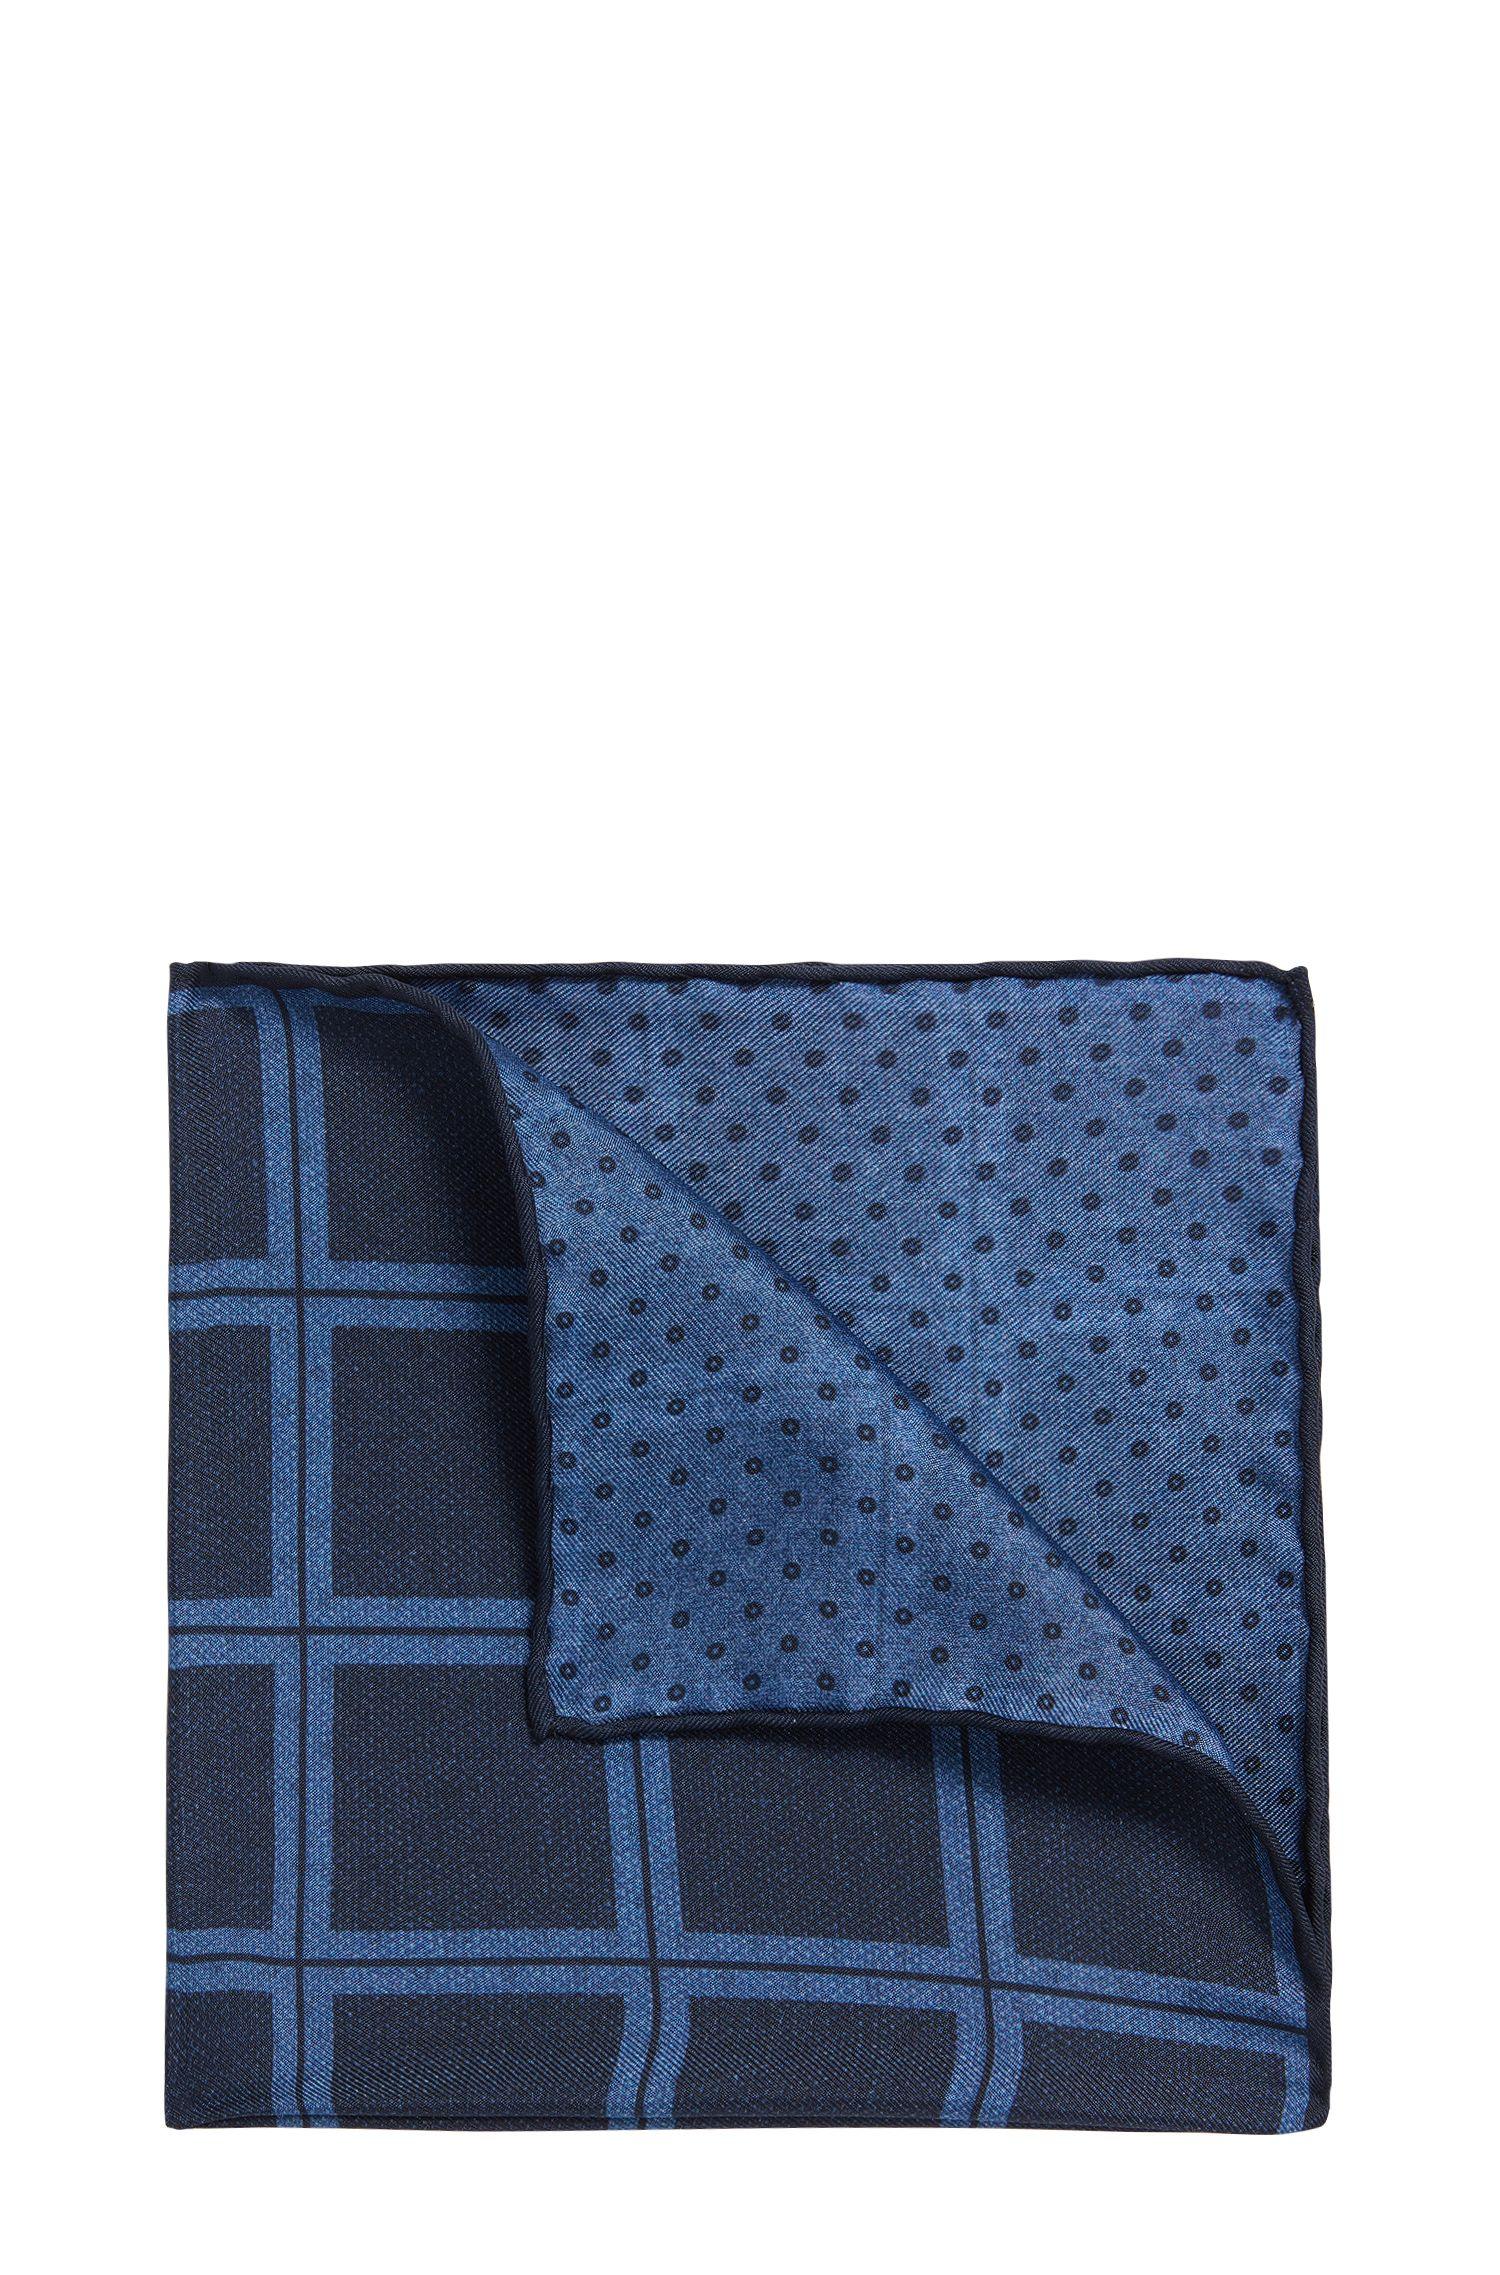 Pochette réversible en fine soie, à double imprimé